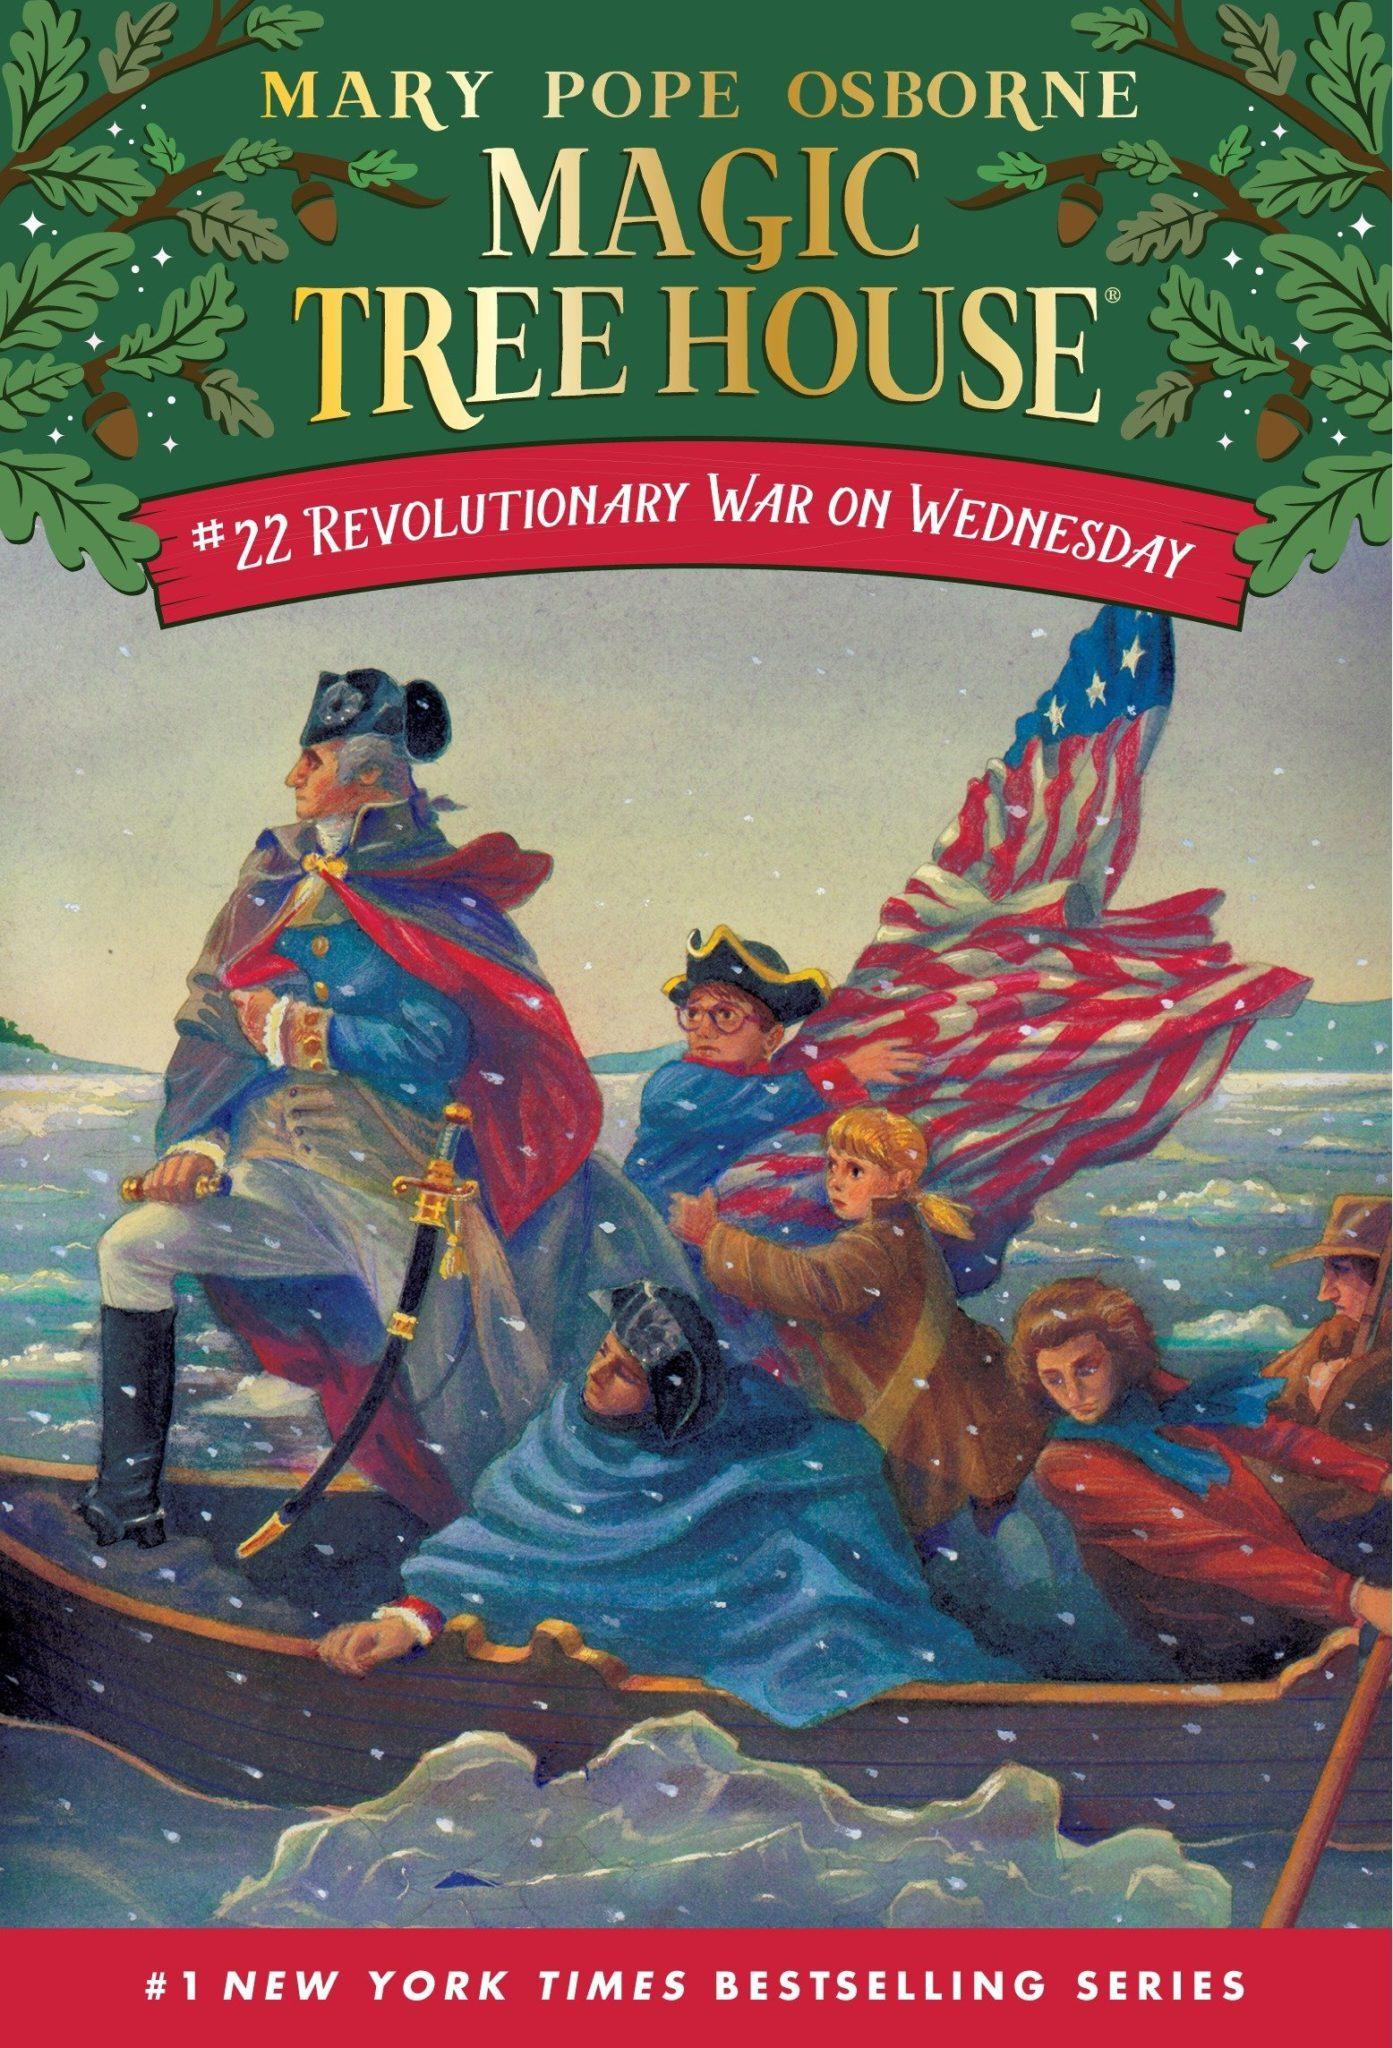 Magic Tree House books 22